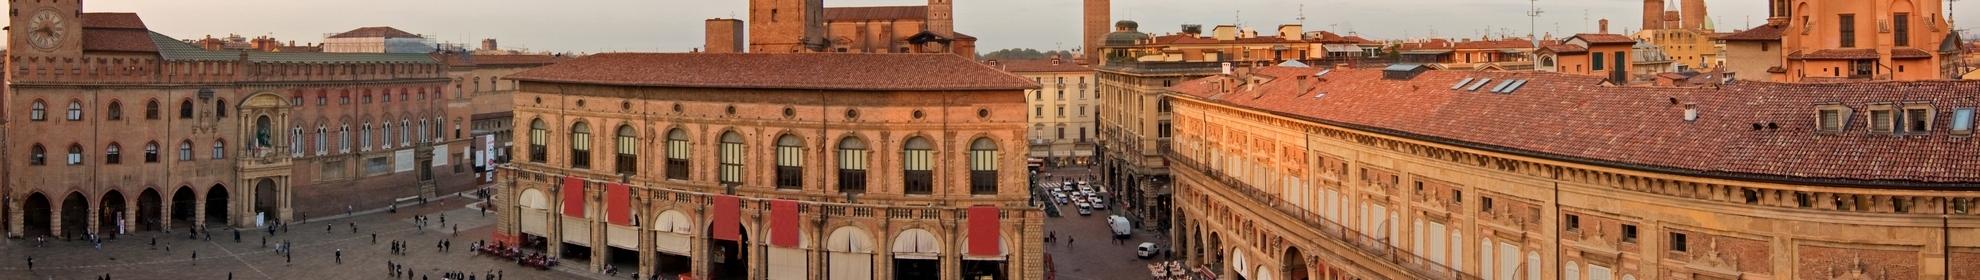 Le siepi bologna ottimo prezzo per alloggio a bologna - Hotel ristorante bologna san piero in bagno ...